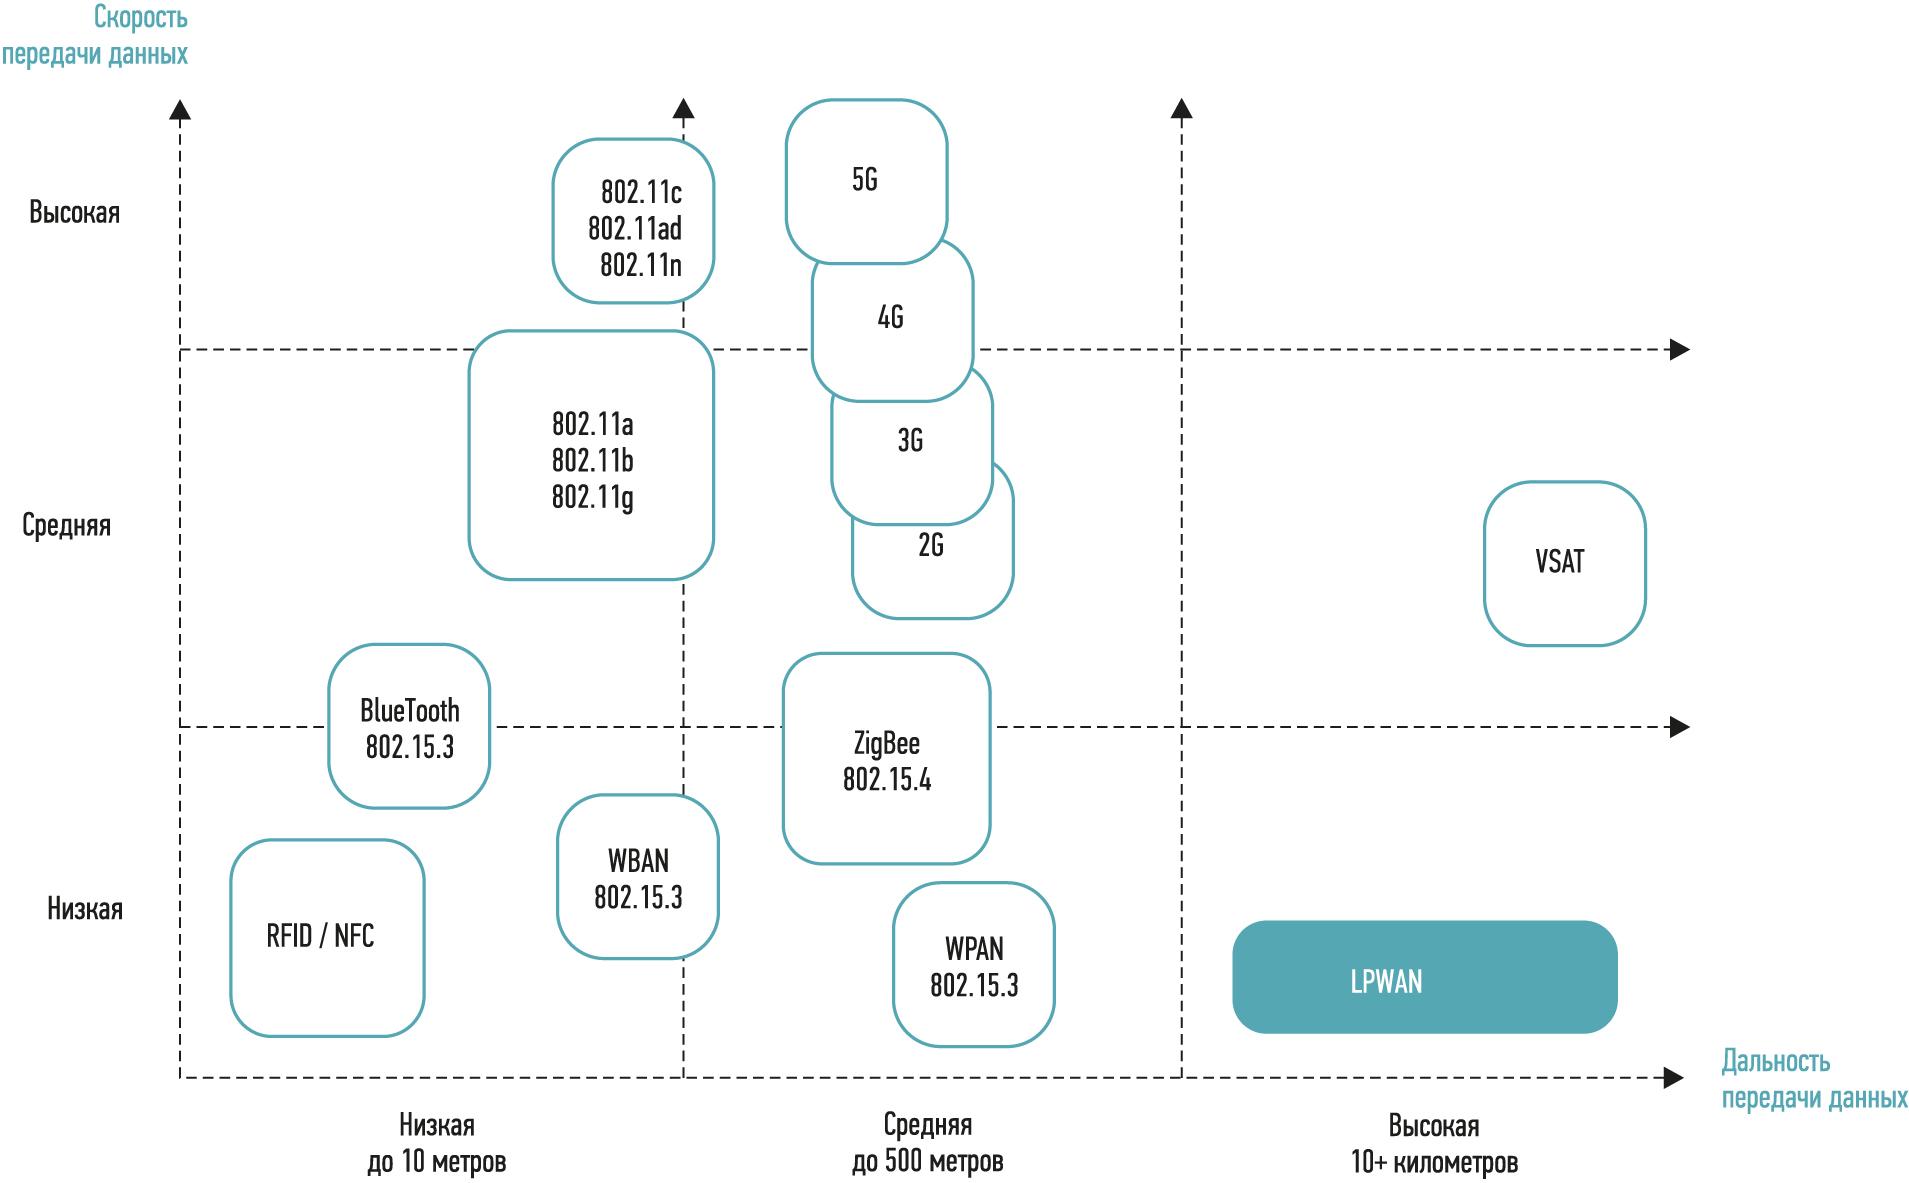 Рис. 1. Сравнение беспроводных технологий по дальности и скорости передачи данных